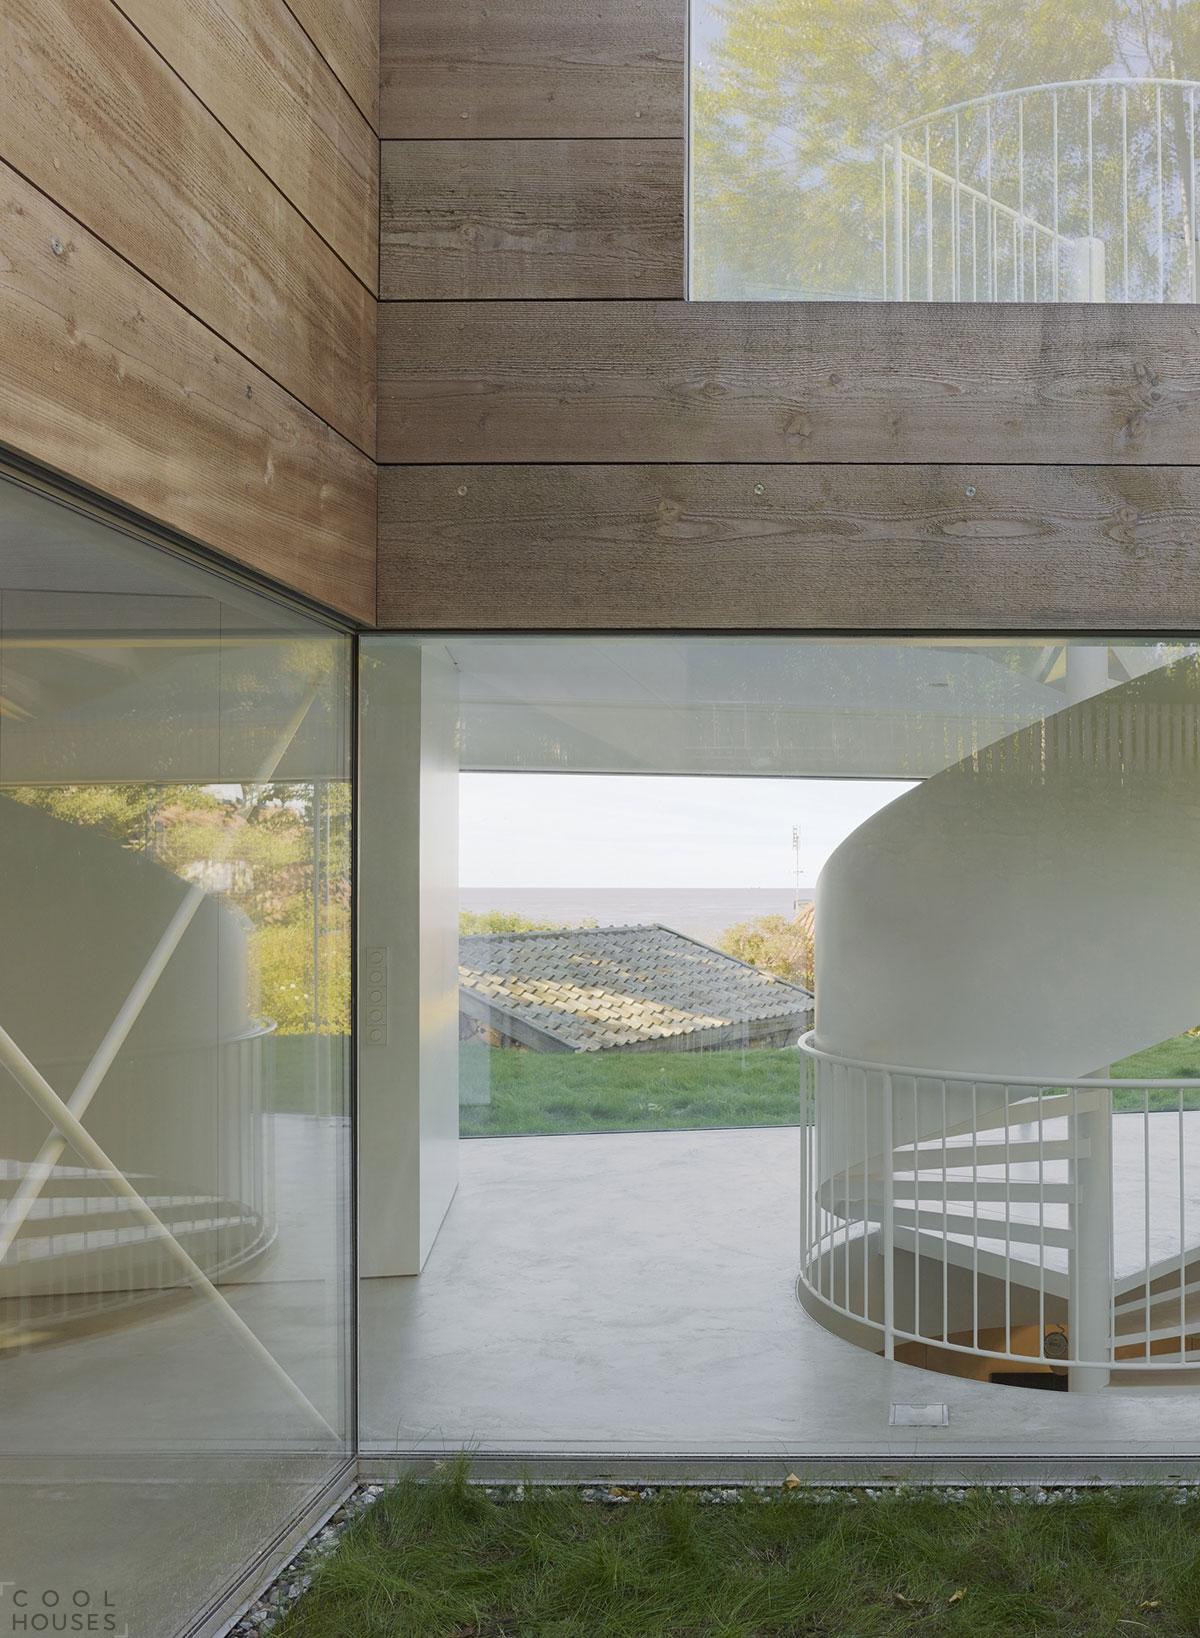 Загородный дом в прибрежном городе Мелле, Швеция